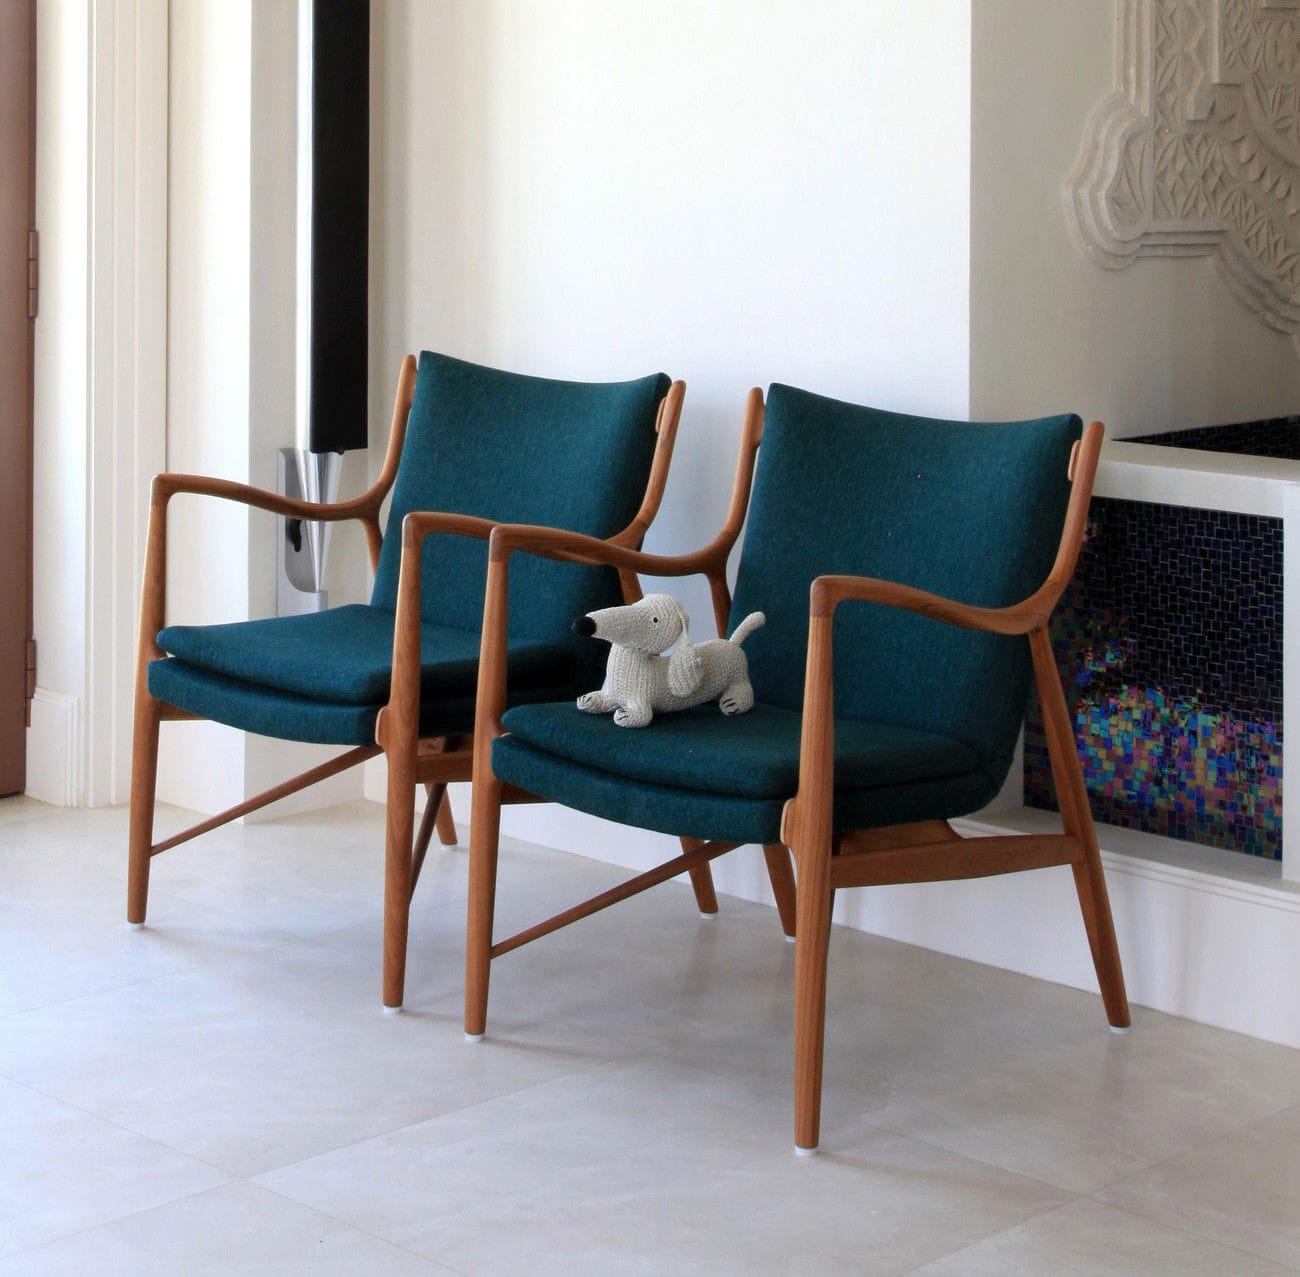 Sessel / Skandinavisches Design / Stoff / Leder / Aus Eiche   45